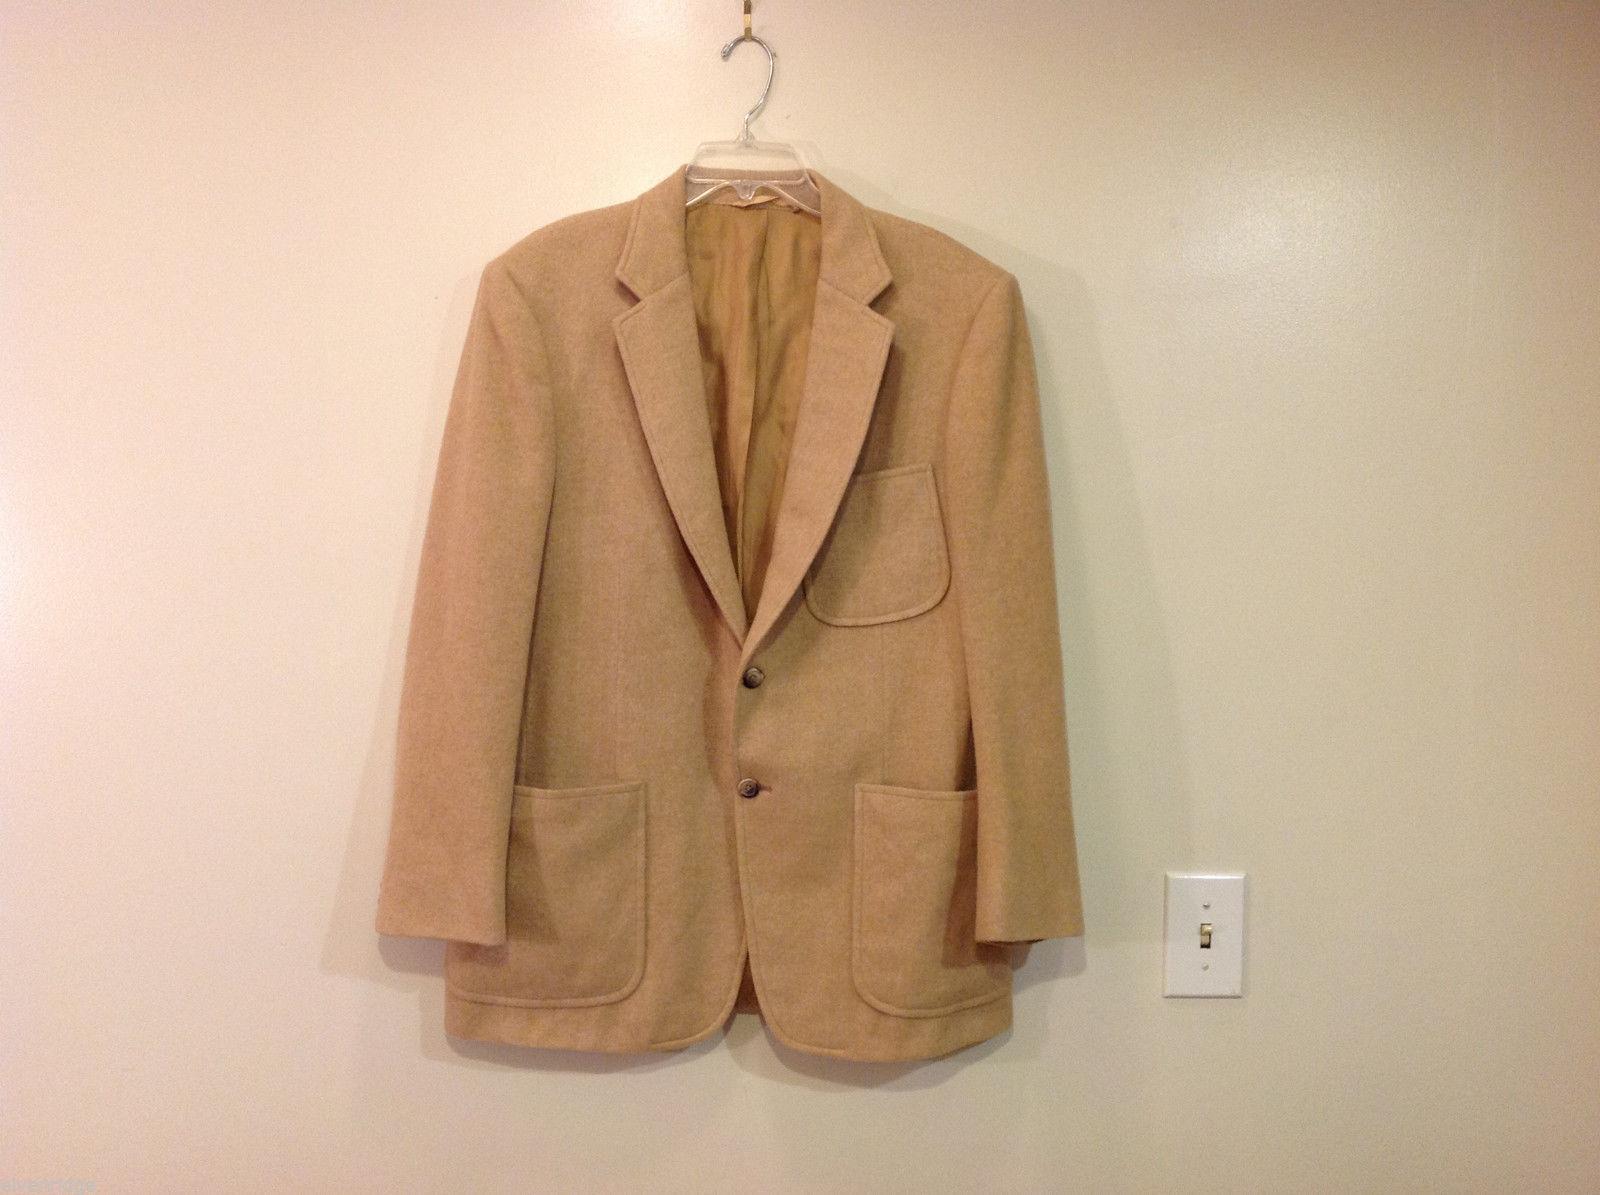 Delton Ltd Baron's Two Buttons 100% Cashmere Herringbone Blazer Suit Jacket